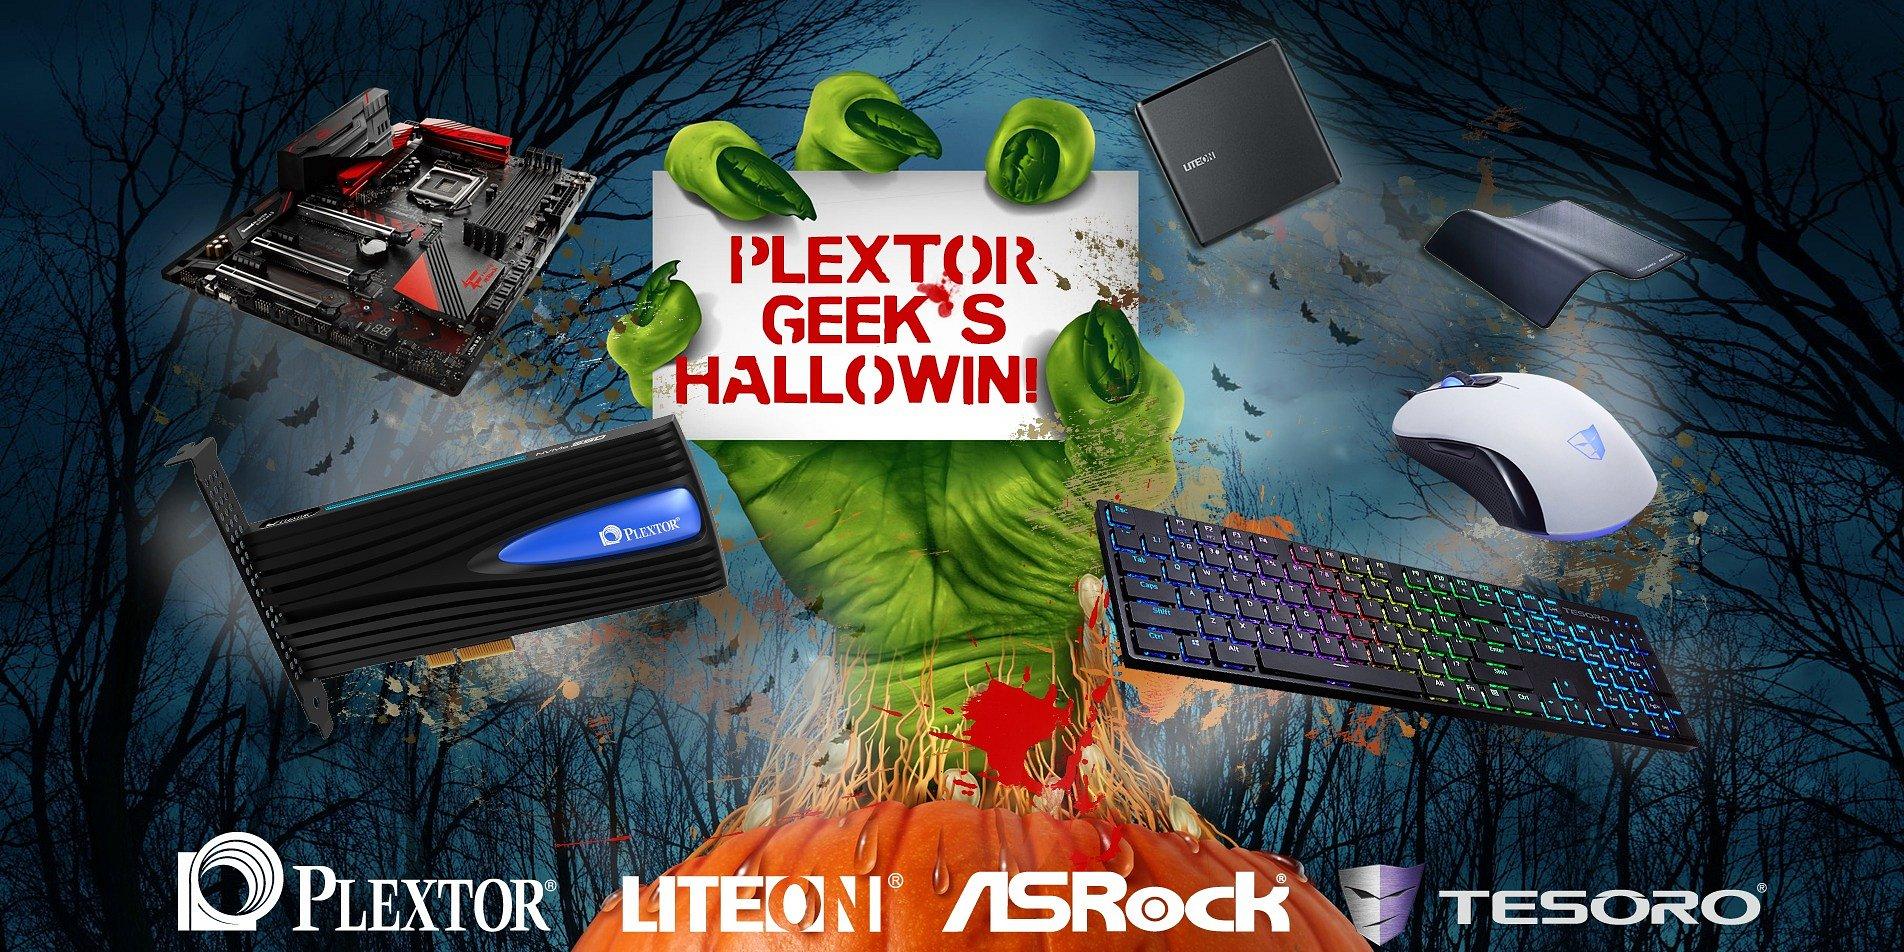 Przebierz się na Halloween, zrób zdjęcie i sięgnij po znakomite nagrody